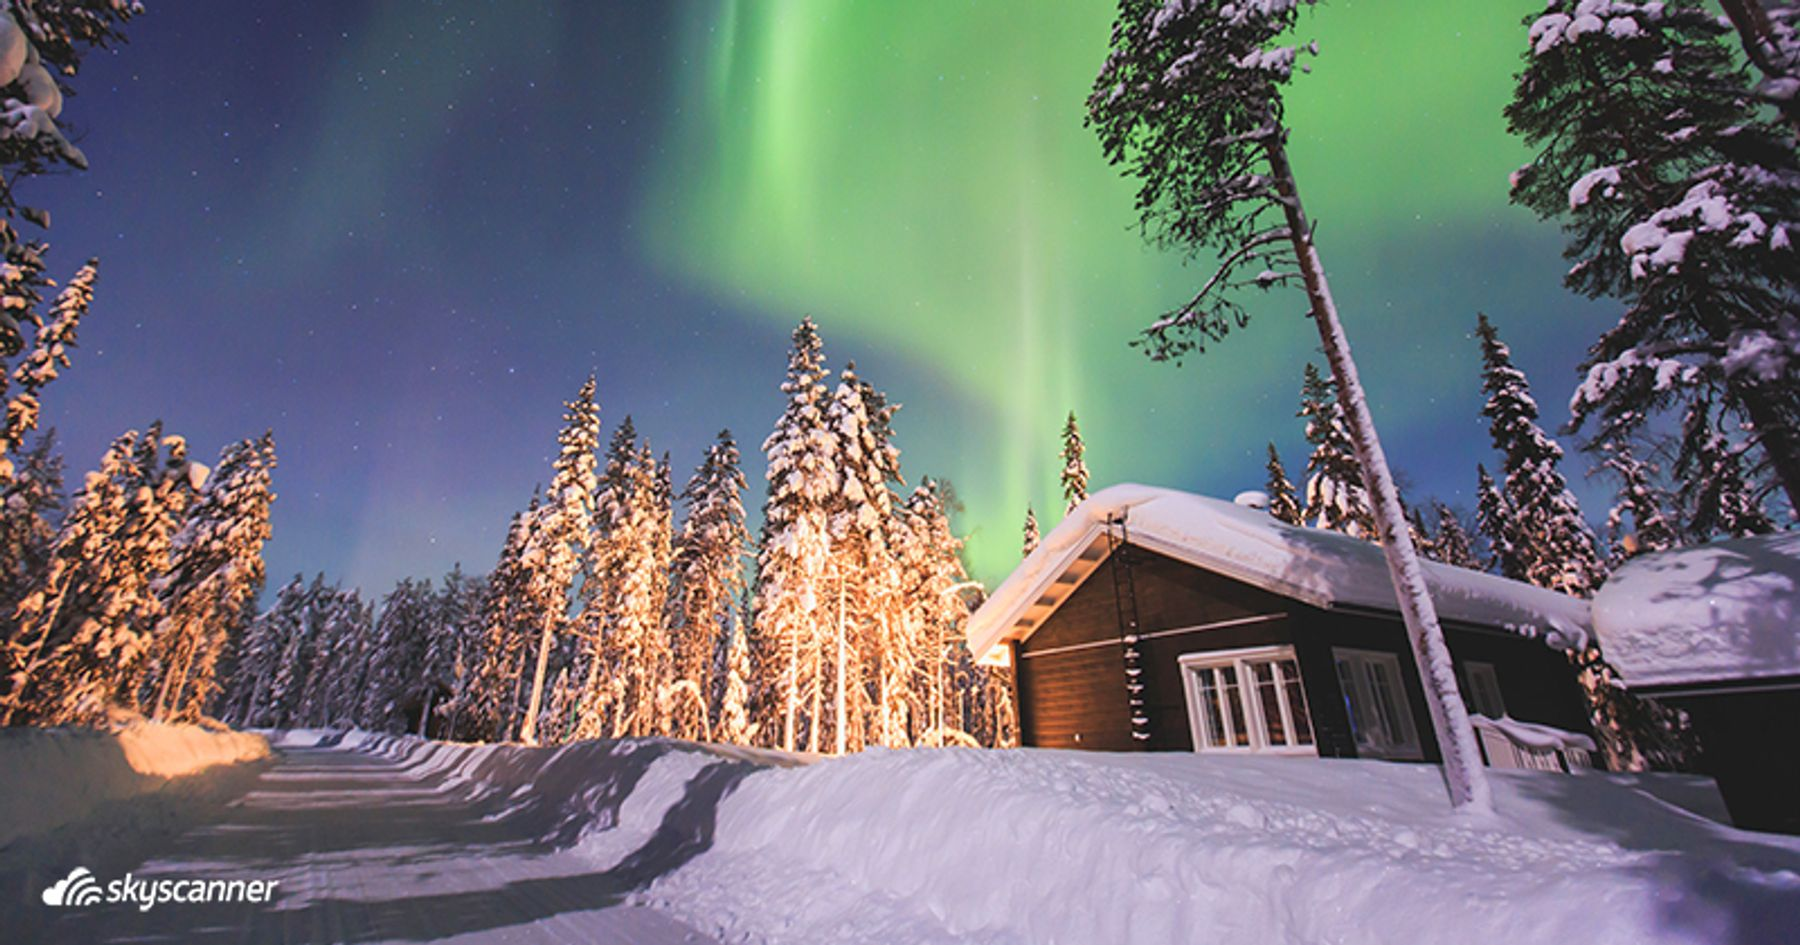 Admirer les aurores boréales en Laponie